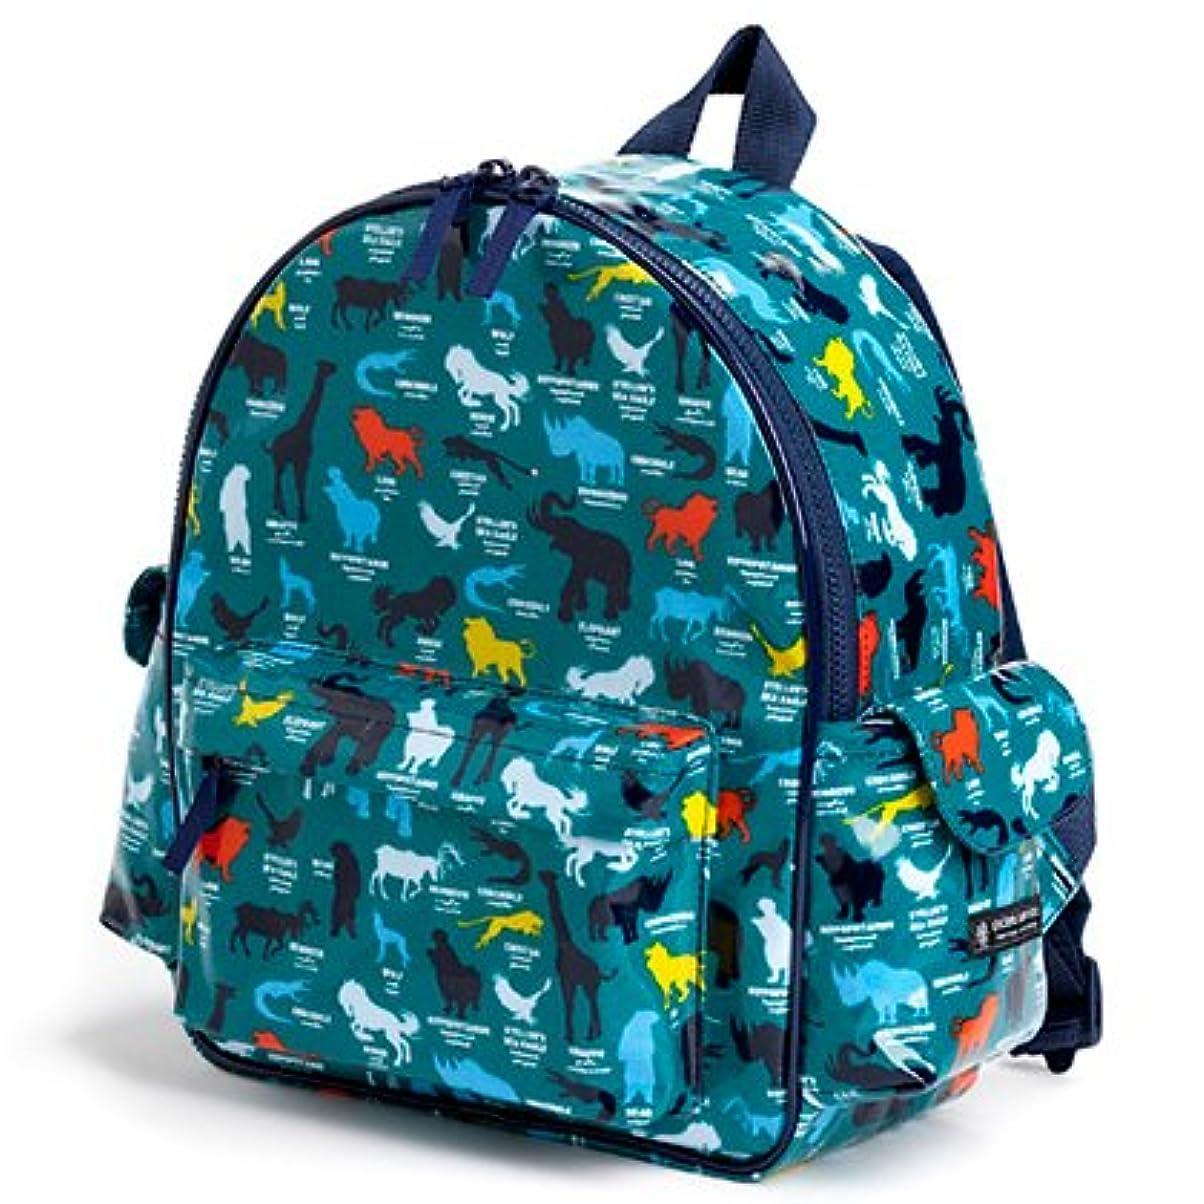 間欠つぼみモナリザいつも一緒のmy通園リュック アニマルシルエット百科事典 日本製 N0636500 入園グッズ 幼稚園バッグ 保育園バッグ